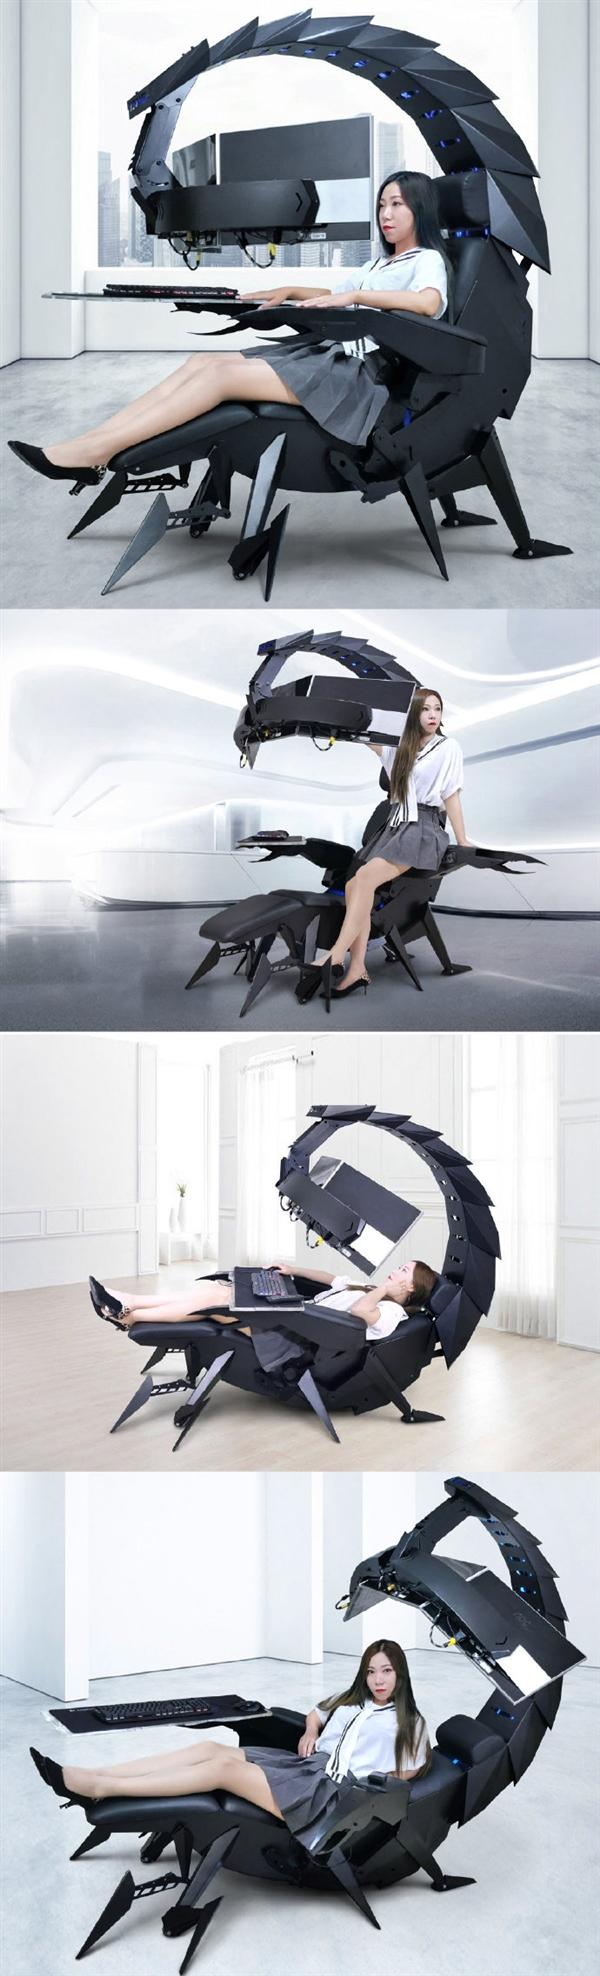 蝎子造型零重力游戏椅子 外形设计超科幻